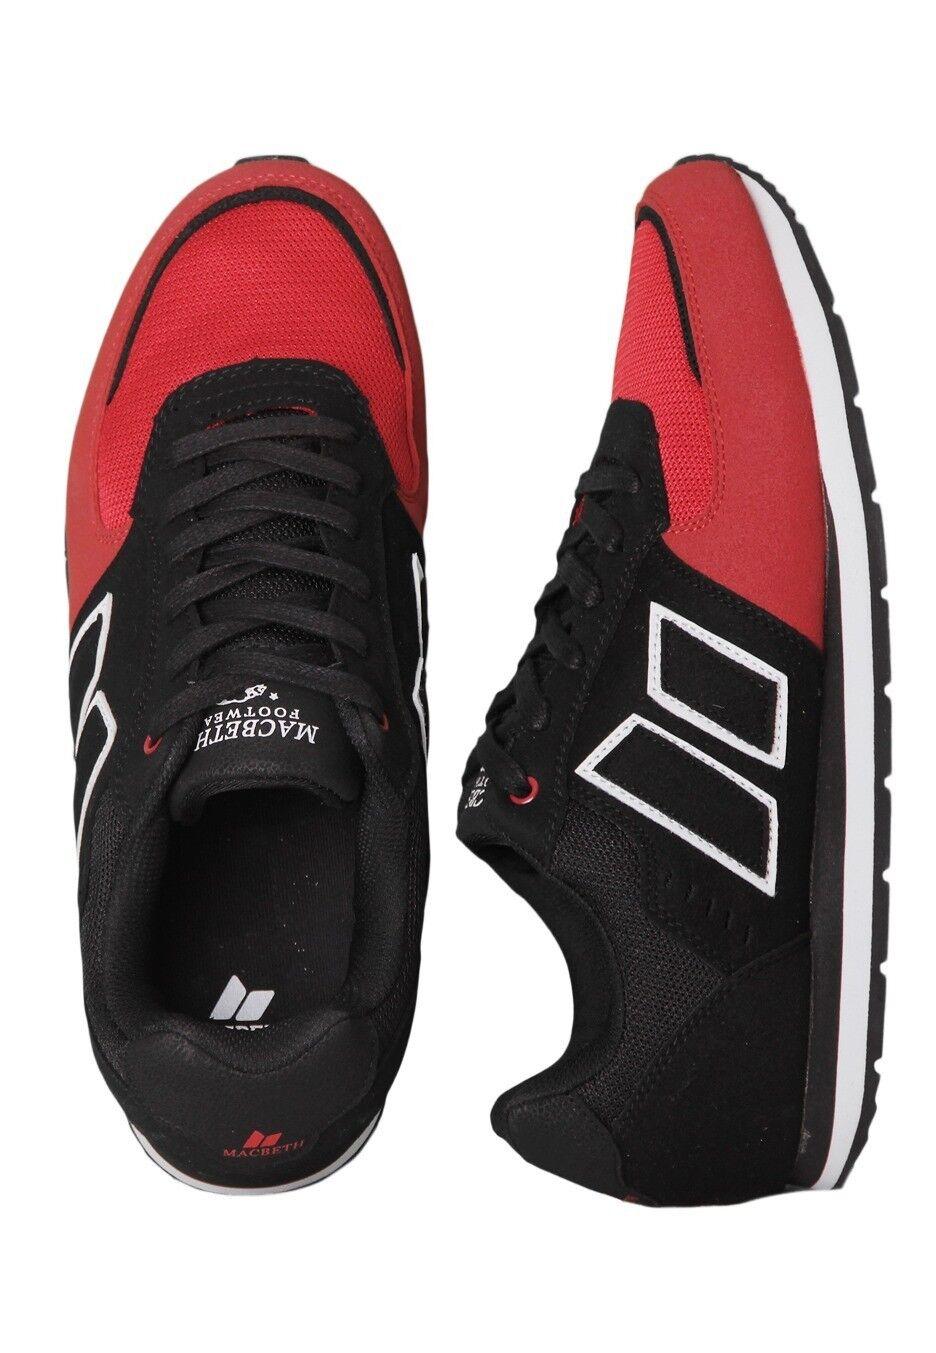 Macbeth Vegan Shoes Uk